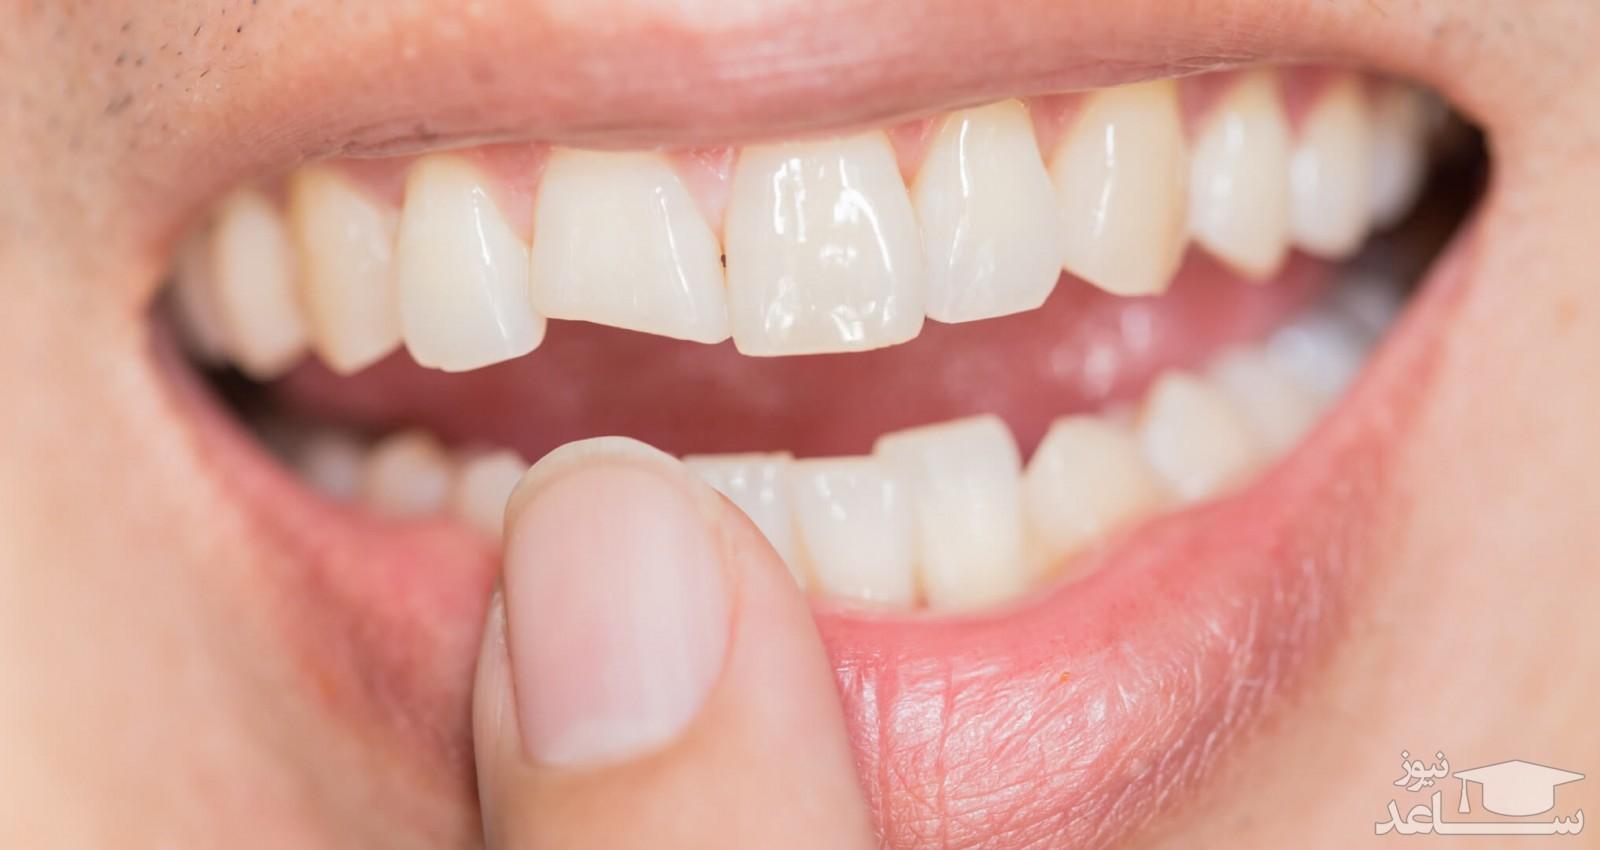 شکستگی دندان و نکات مهم در مورد آن